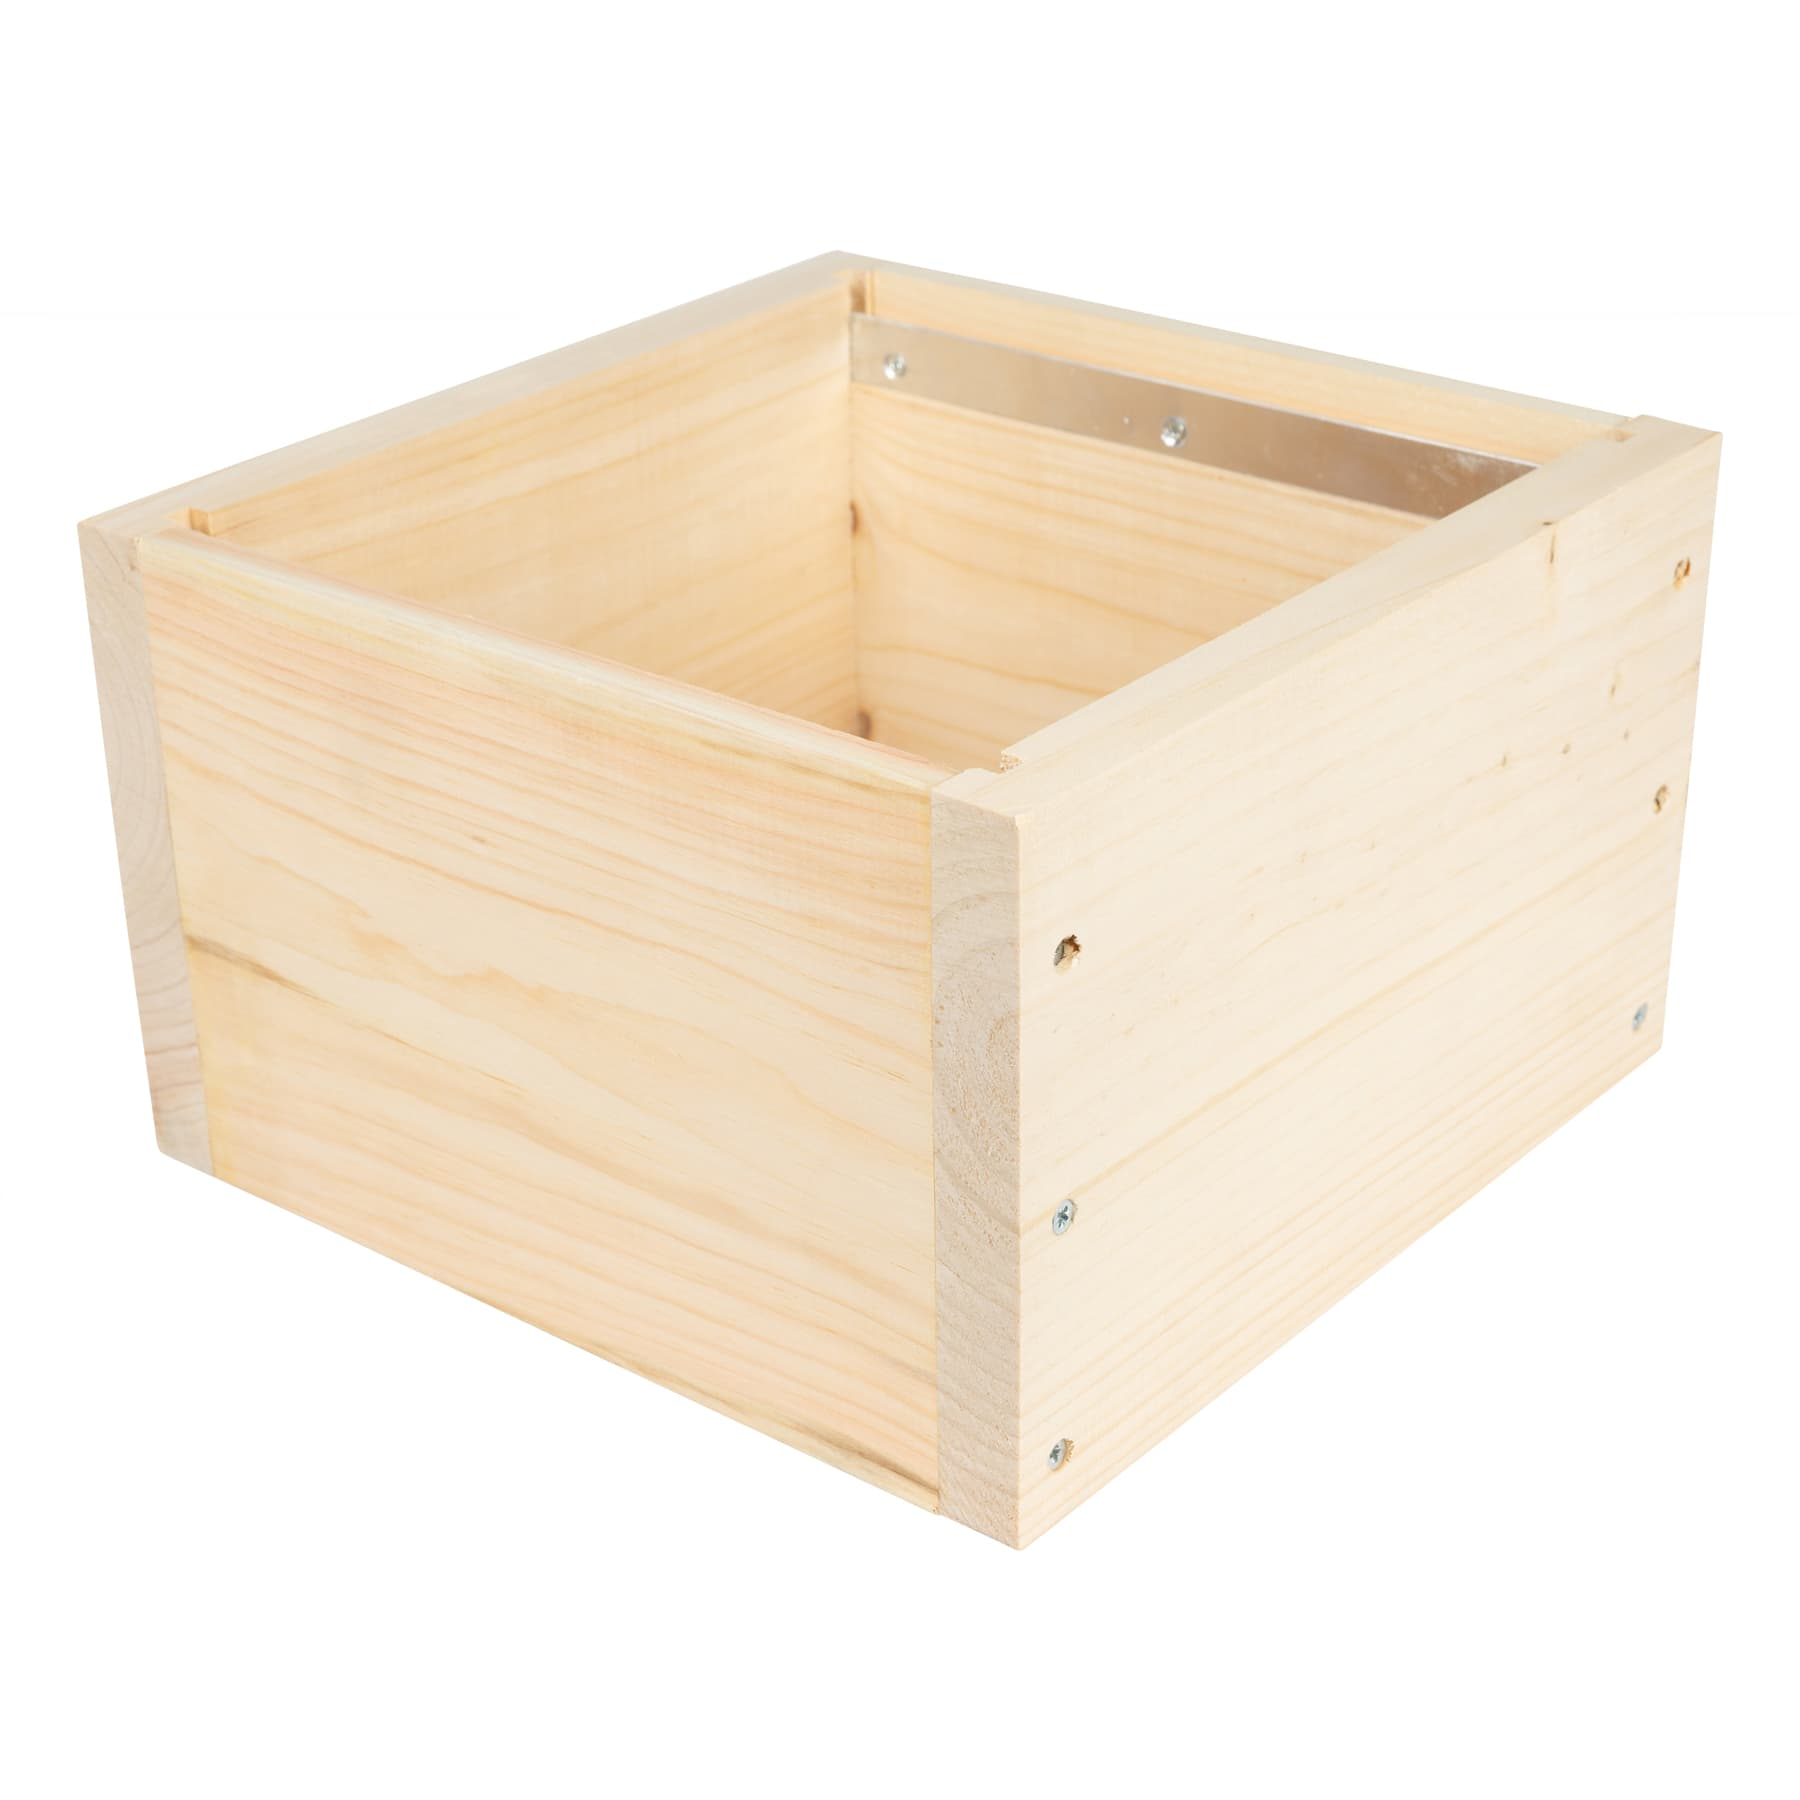 Minipluszarge aus Holz einzeln